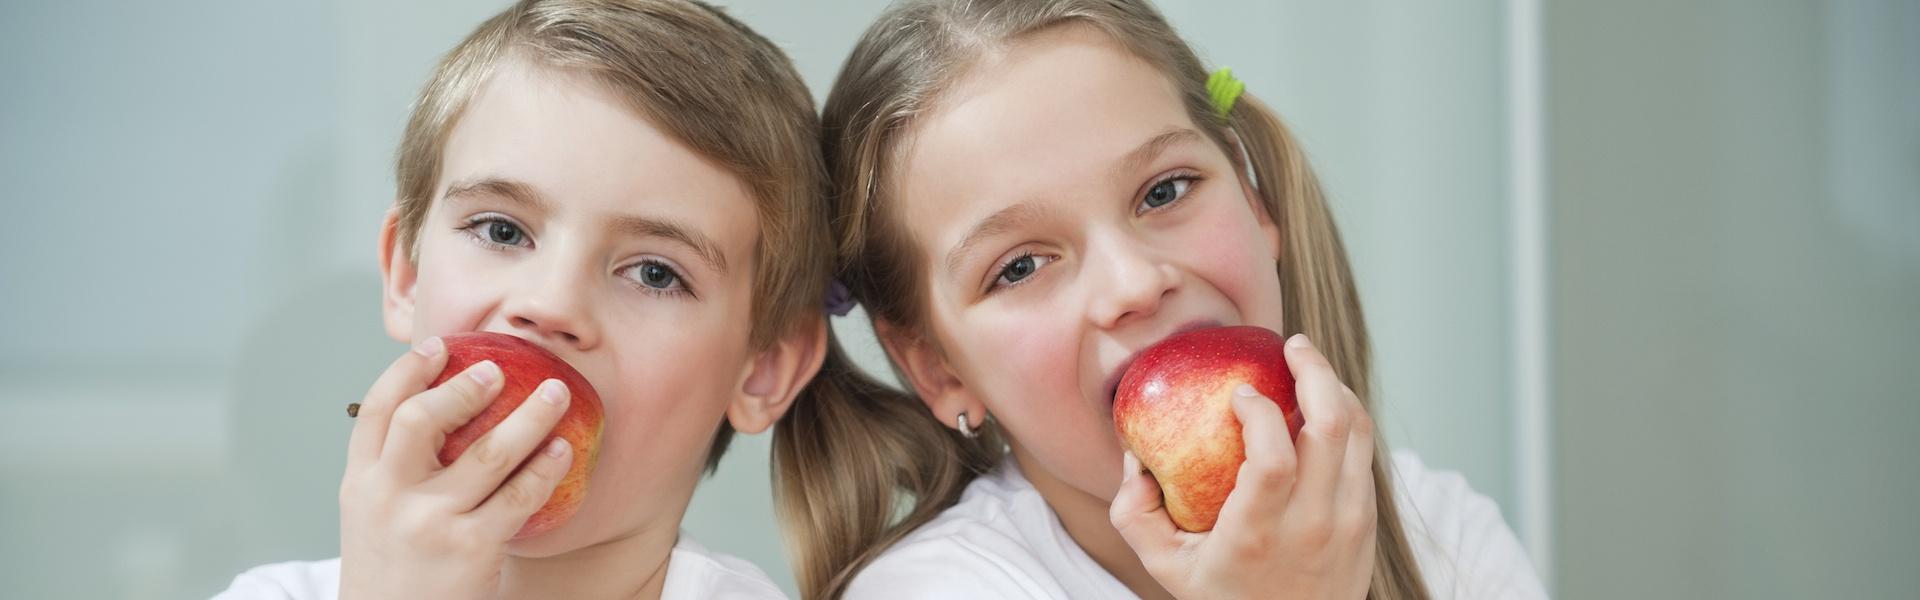 Снимка на деца с ябълки